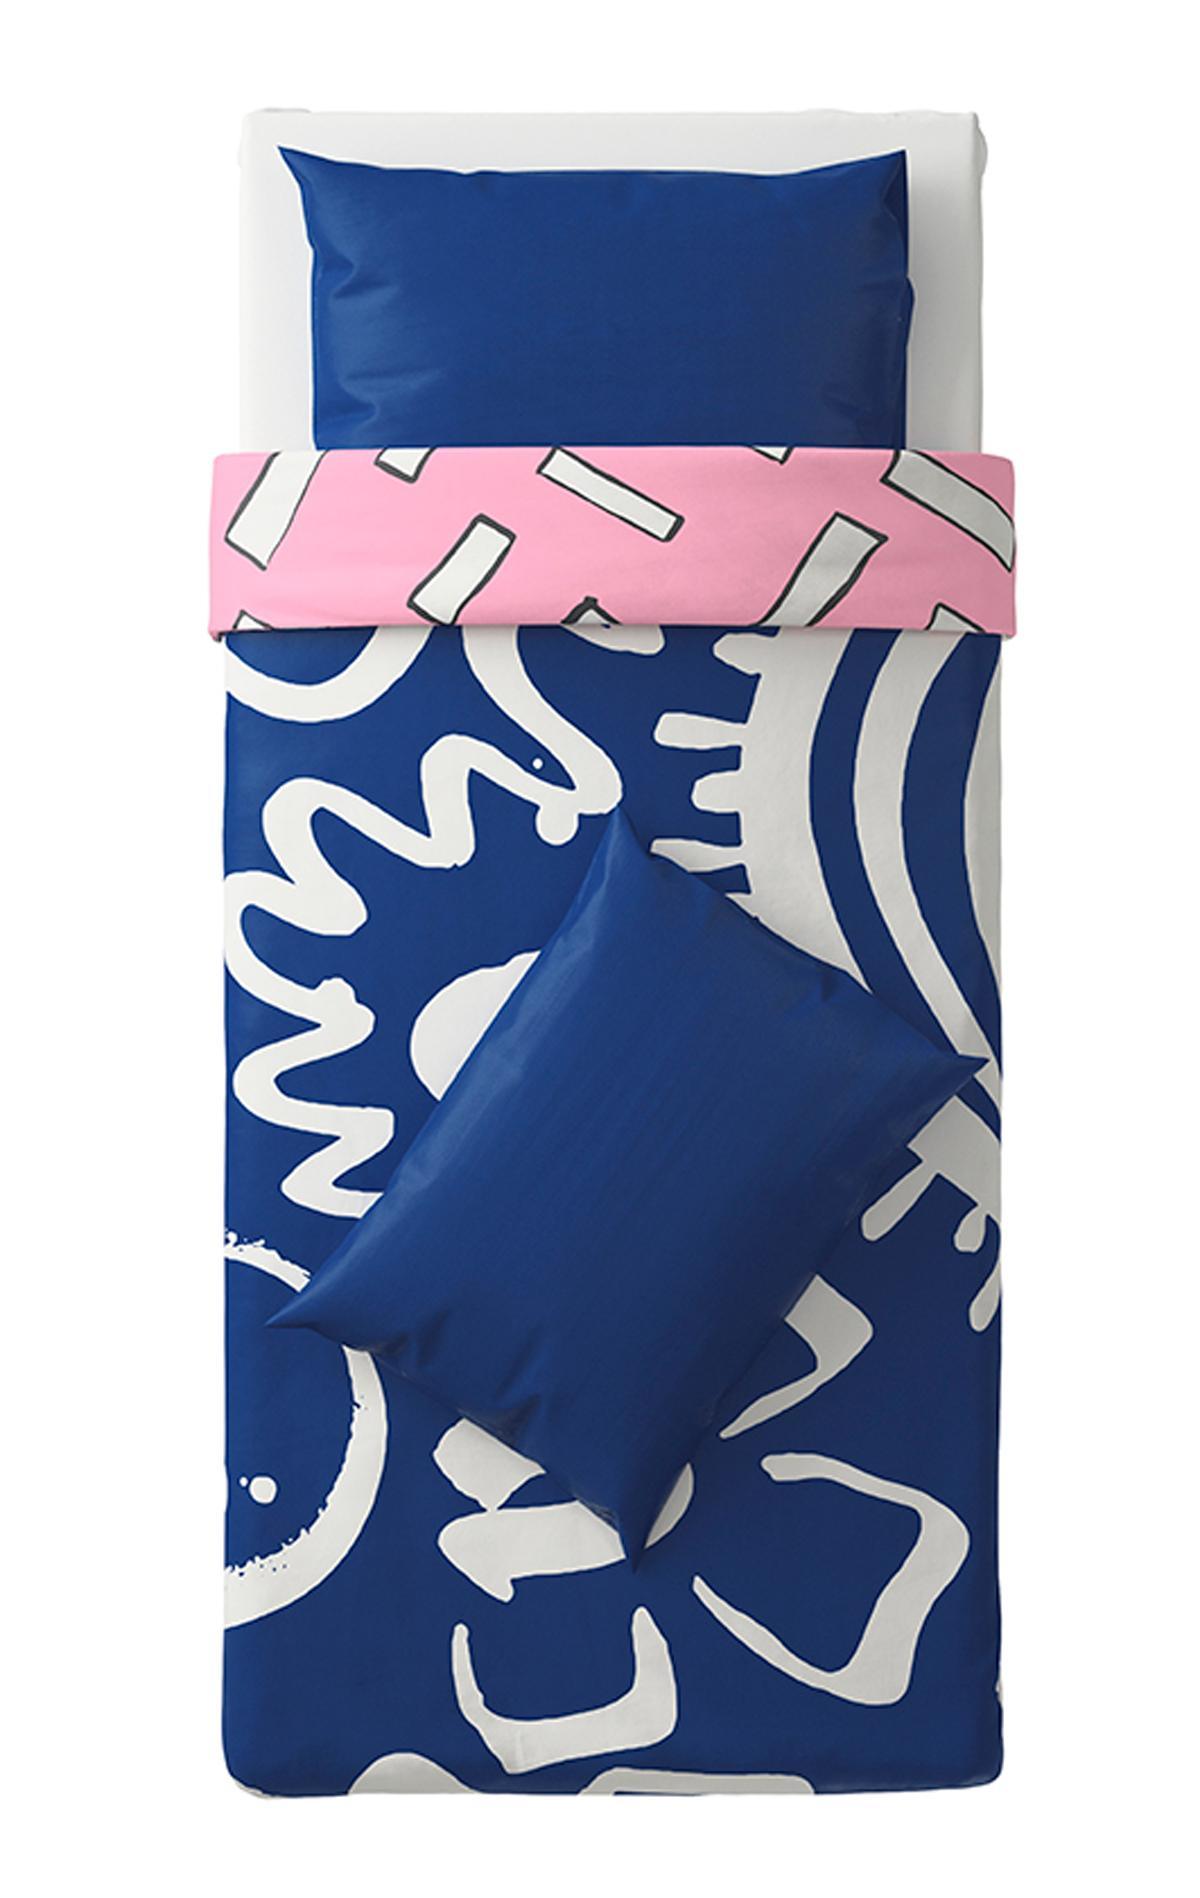 cf521b6609 Ikea lance Spridd, une collection limitée inspirée de la mode ...